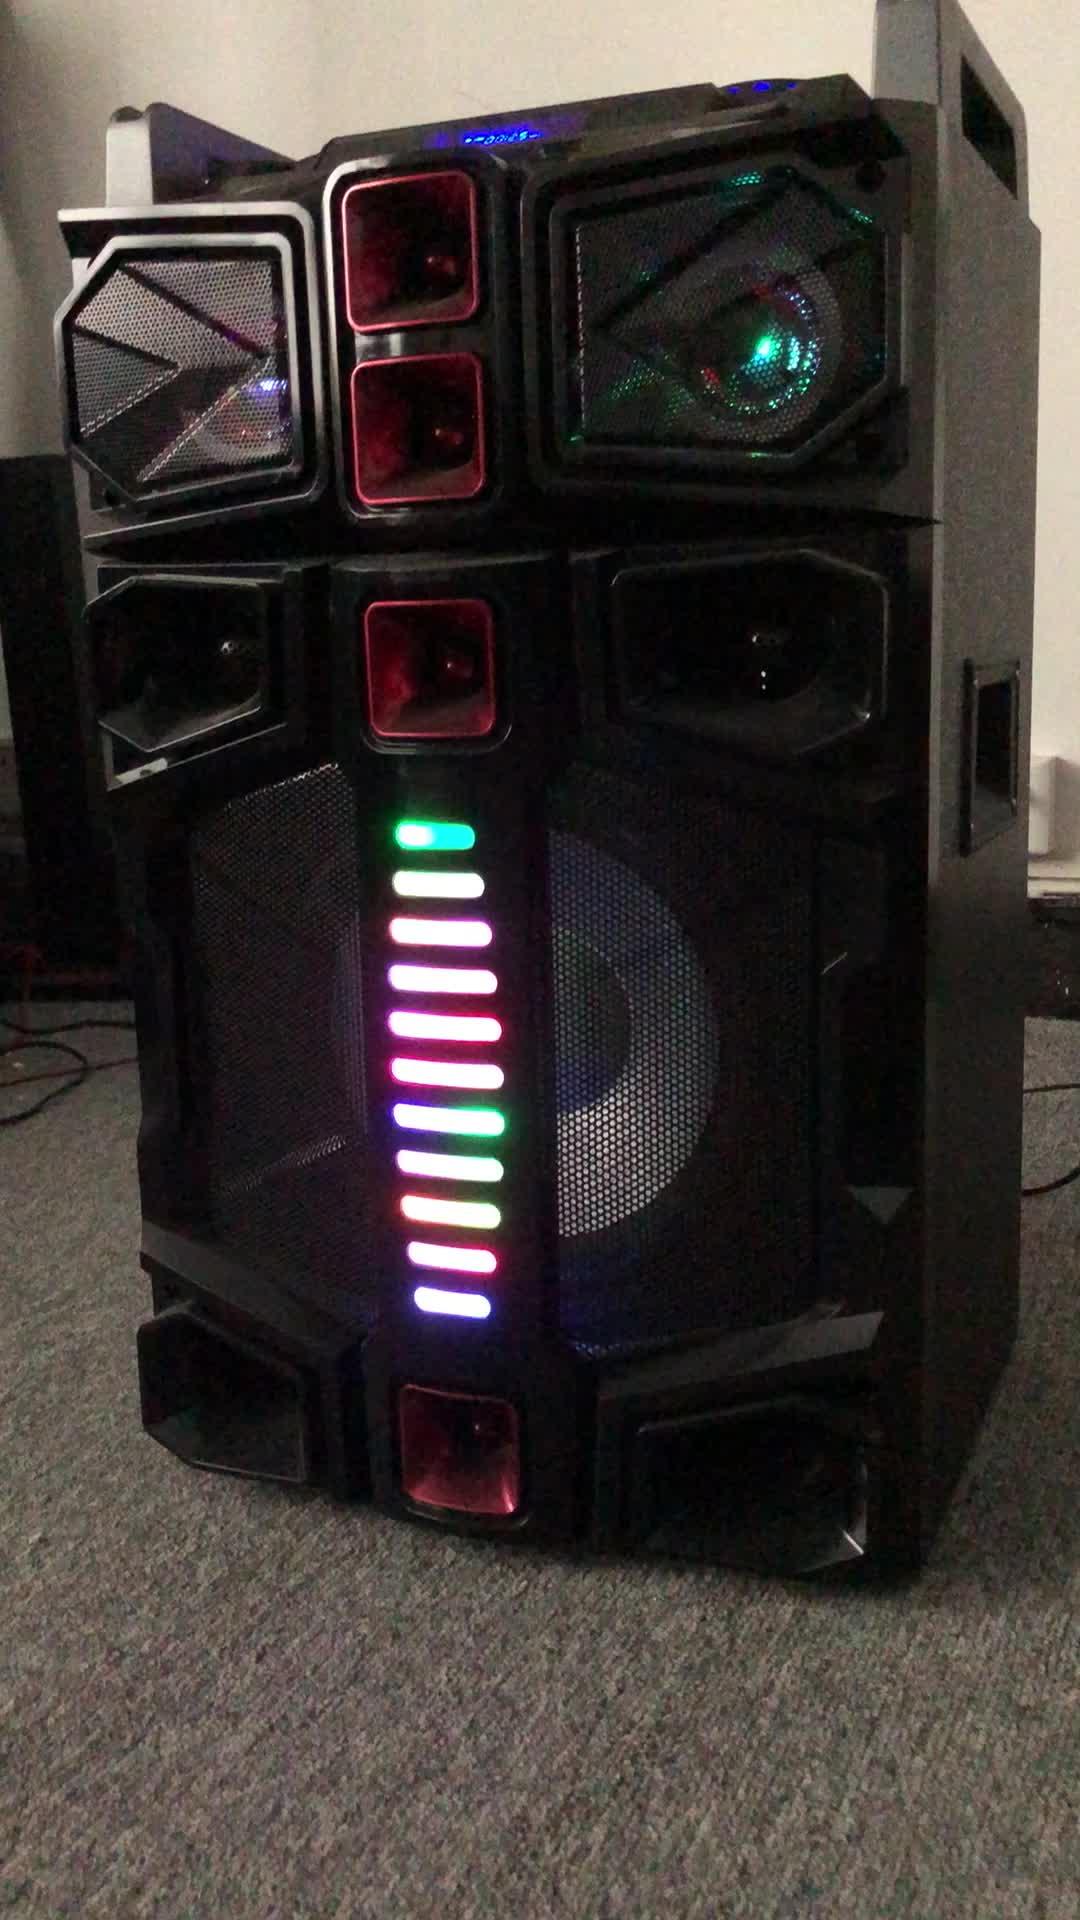 2.0 स्पीकर वायरलेस स्पीकर पेशेवर सक्रिय चरण स्पीकर ध्वनि प्रणाली